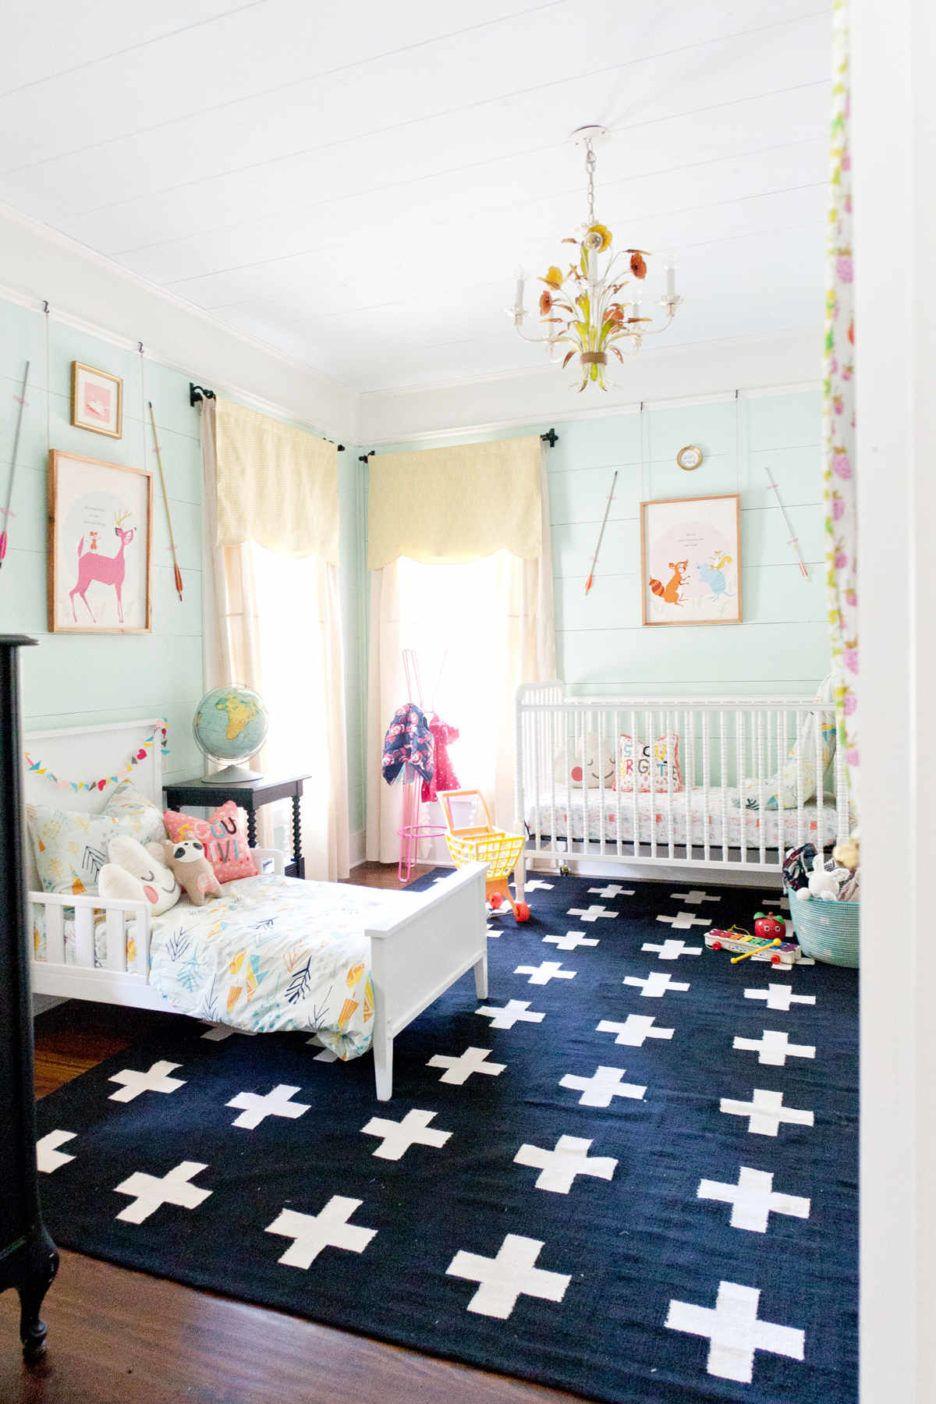 kids room pleasurable shared kids bedroom ideas ikea shared kids bedroom ideas with wooden - Ikea Shared Kids Room